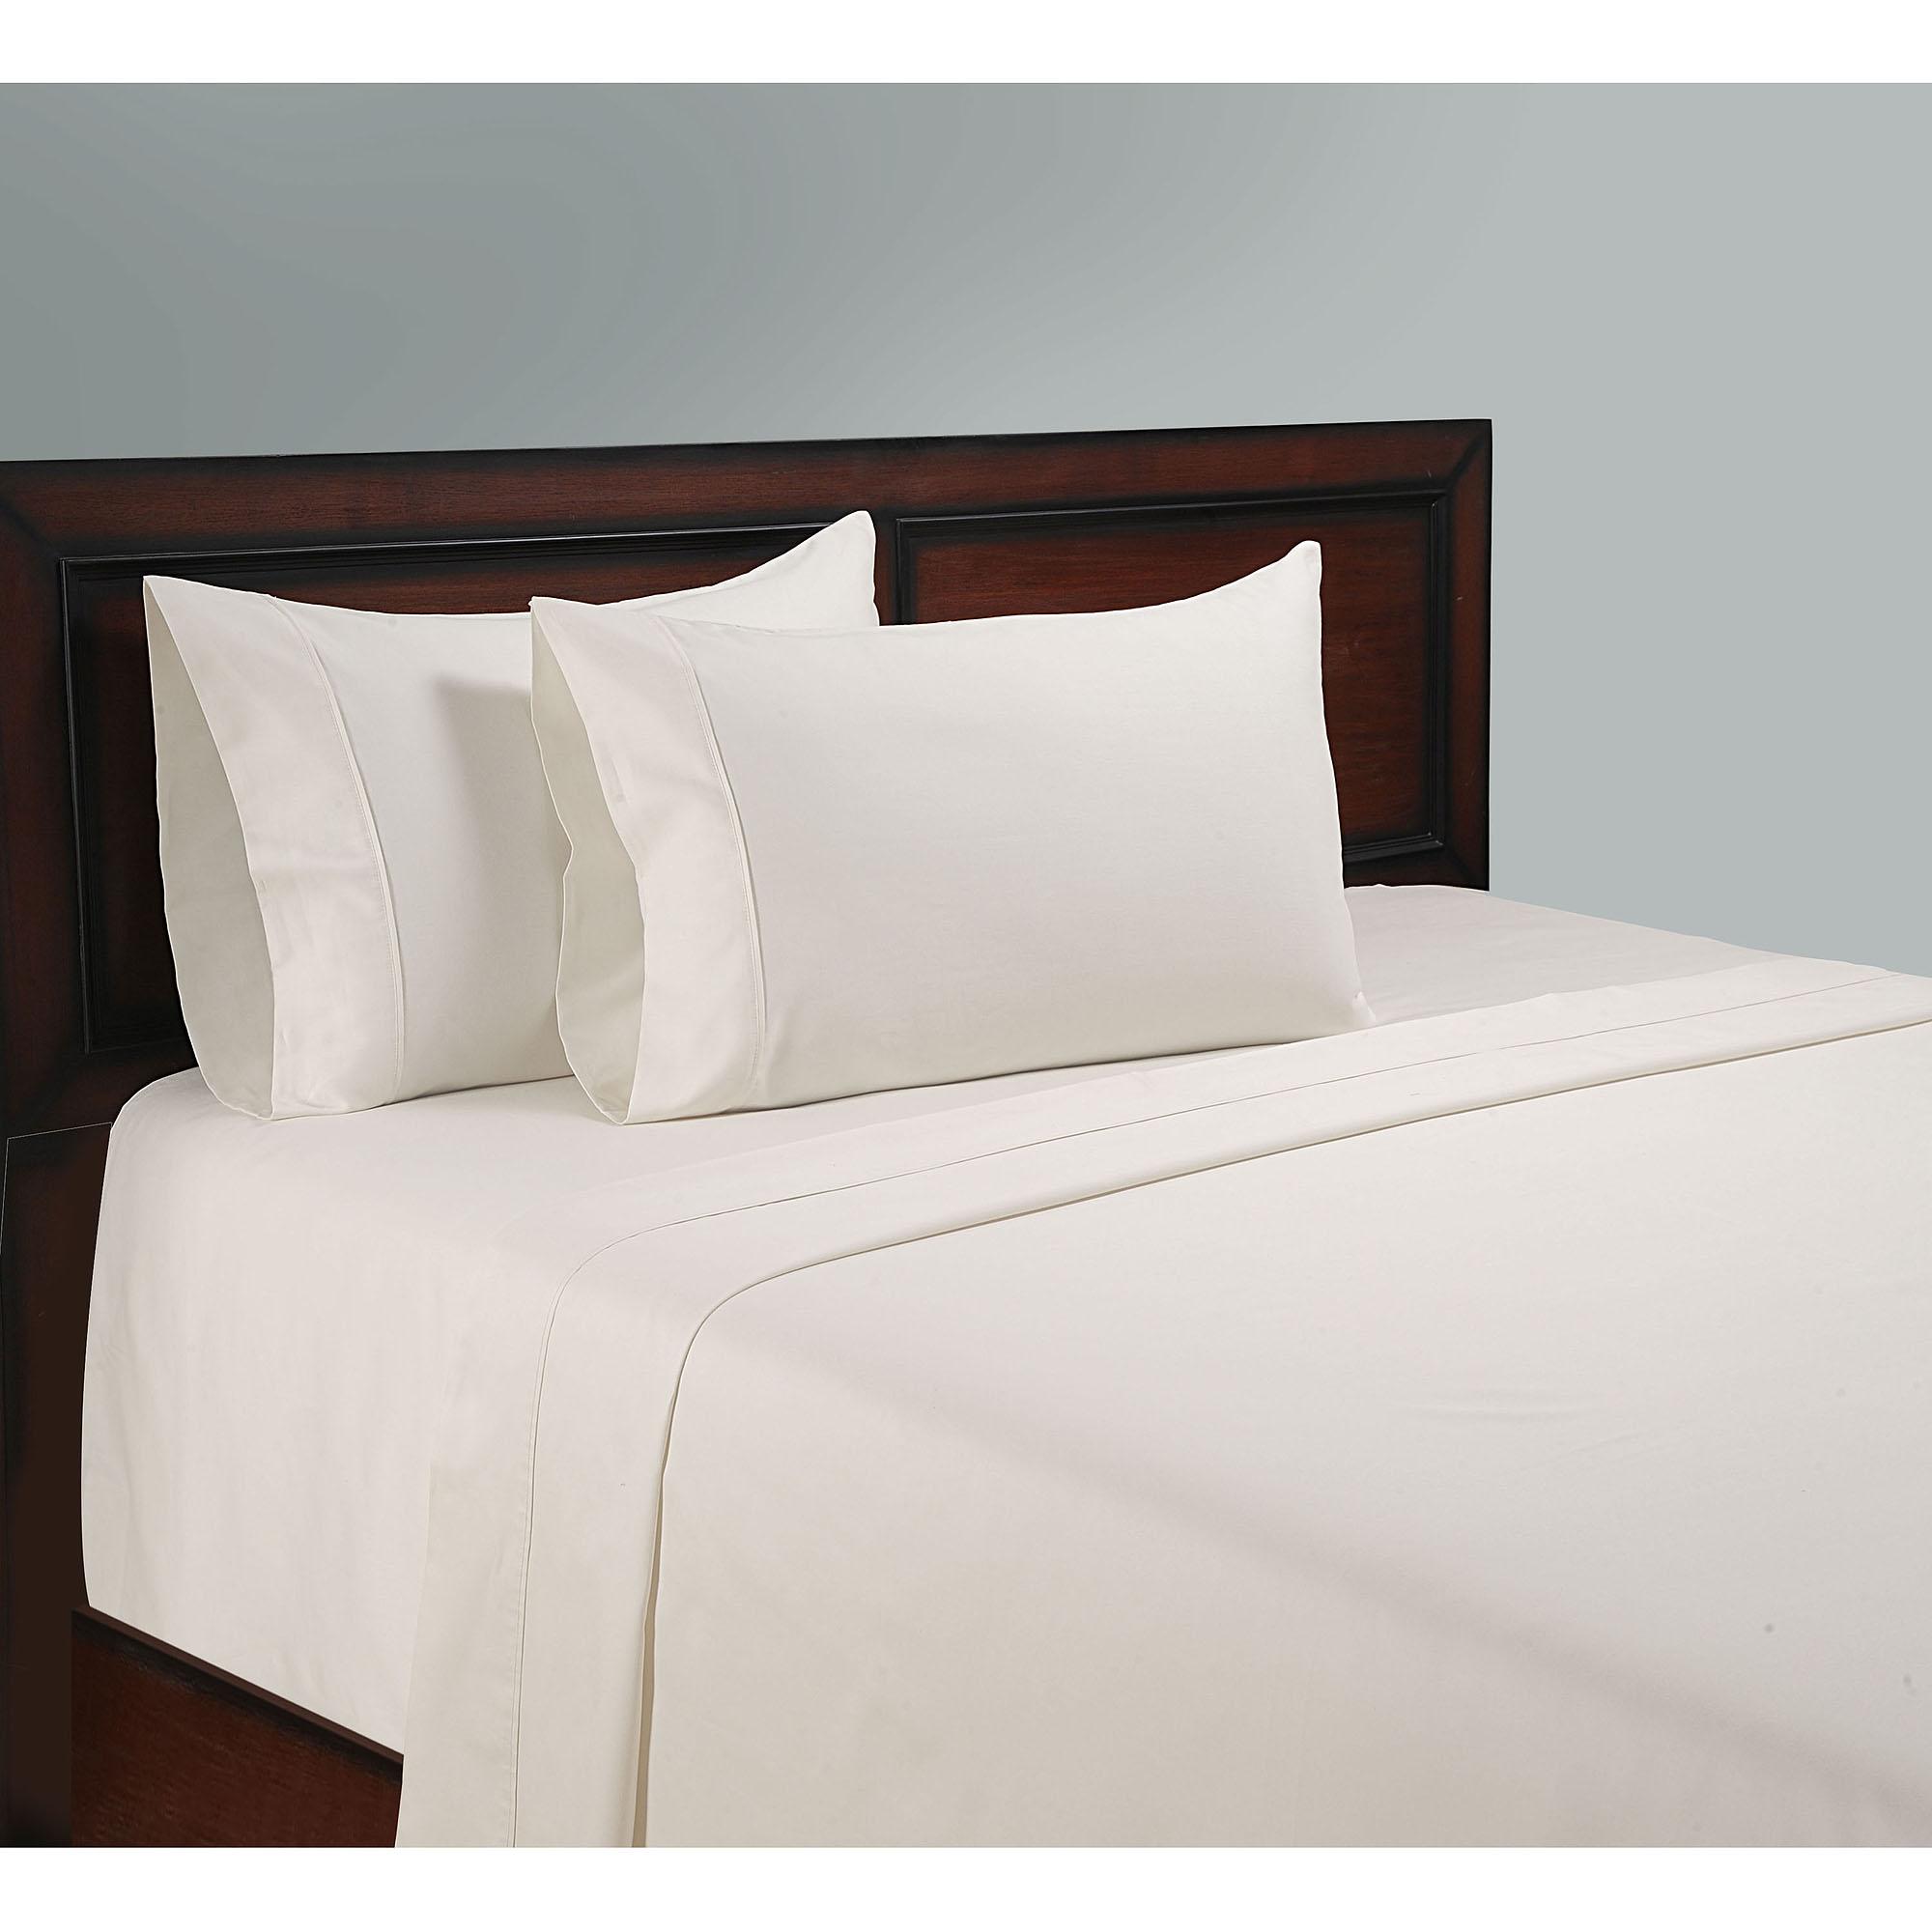 color sense 100 percent cotton sheet set walmartcom